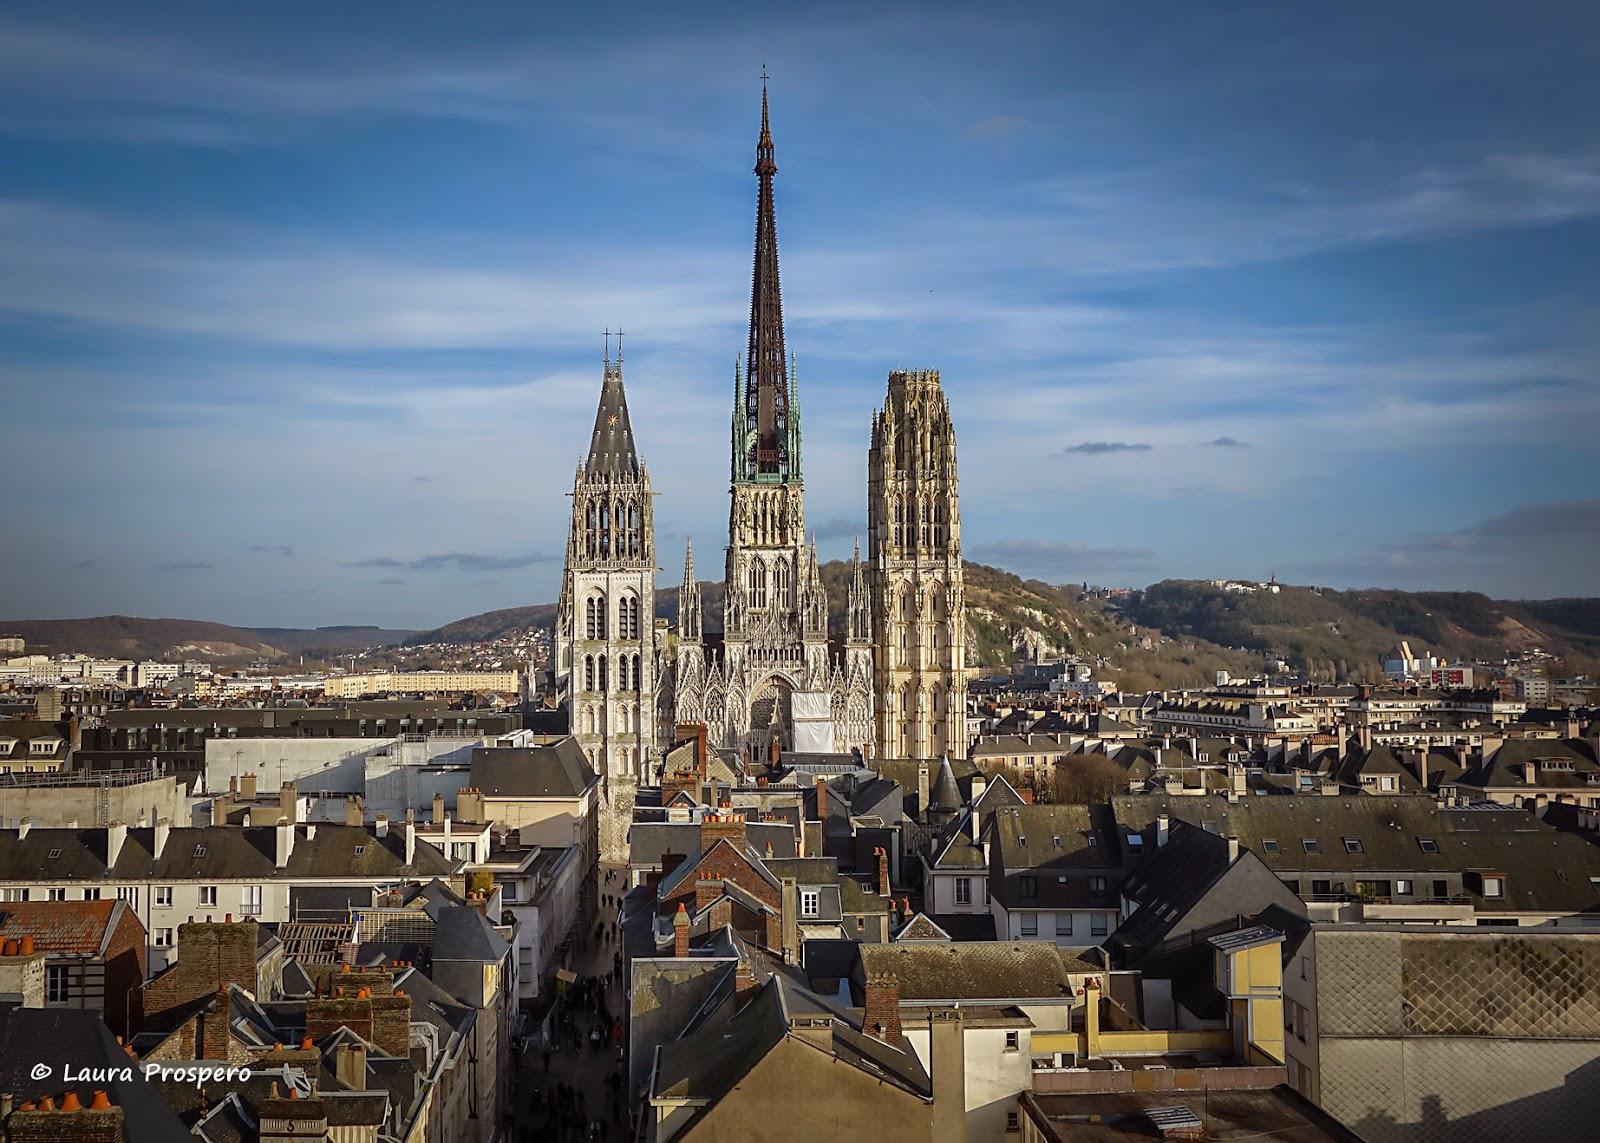 Cathédrale Notre-Dame de Rouen vue de la terrasse du Gros Horloge © Laura Prospero